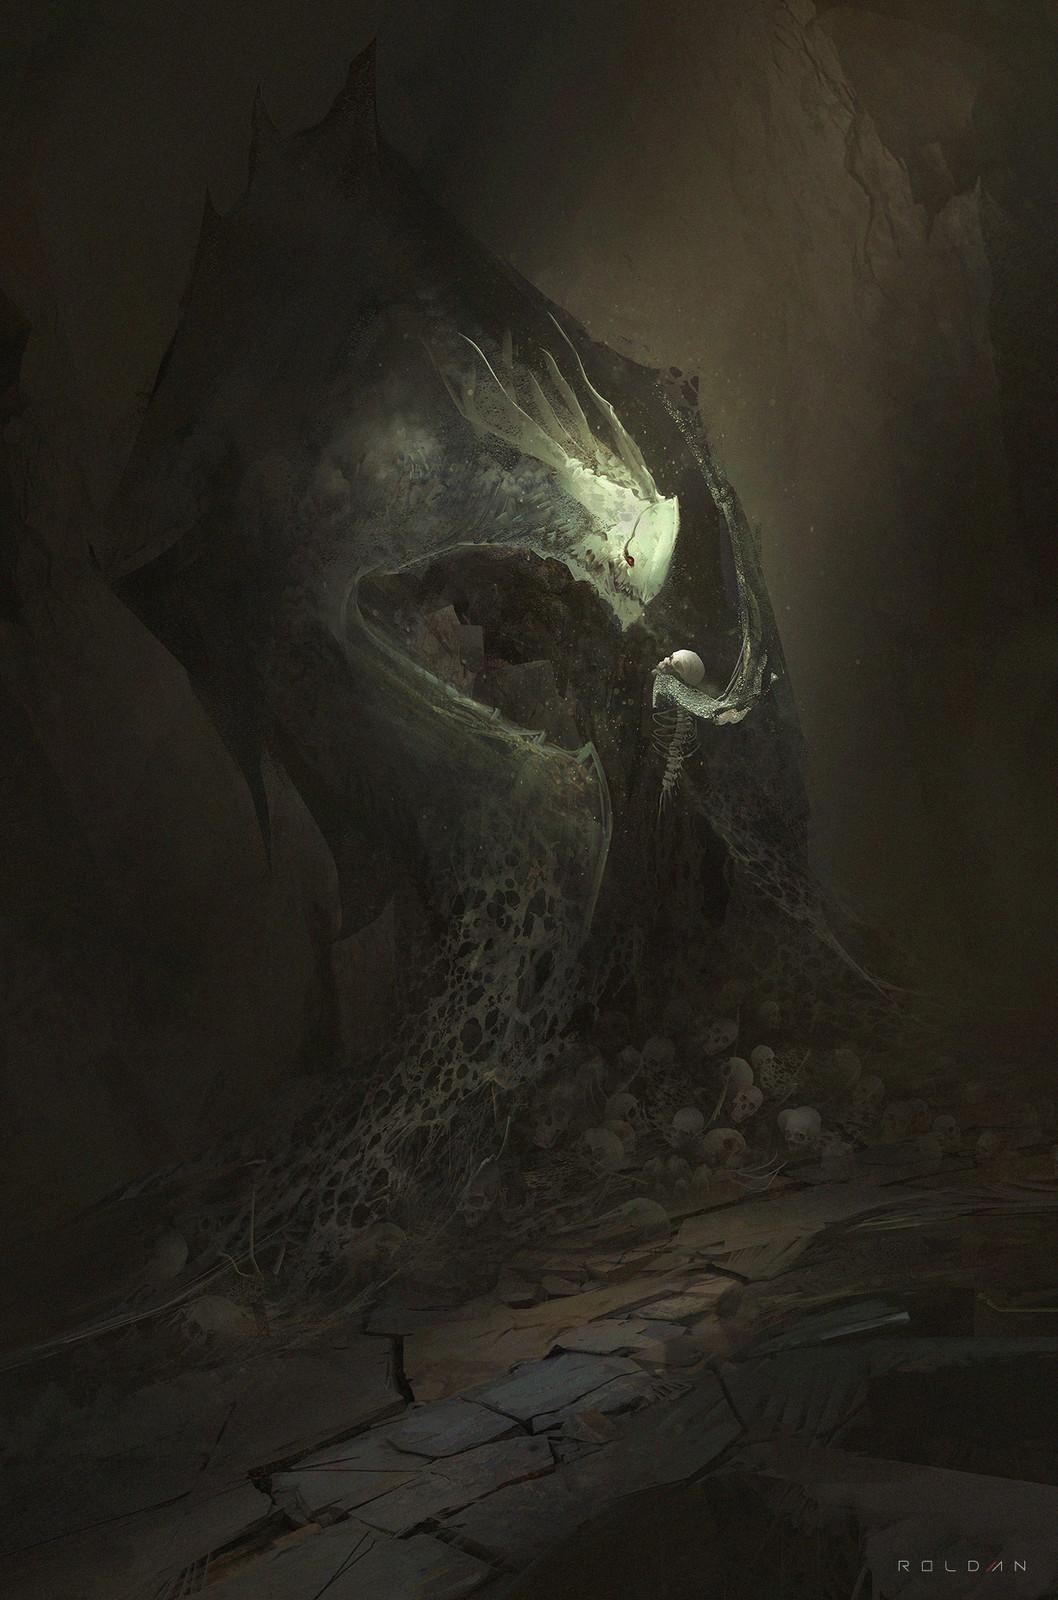 Helmet - Creature